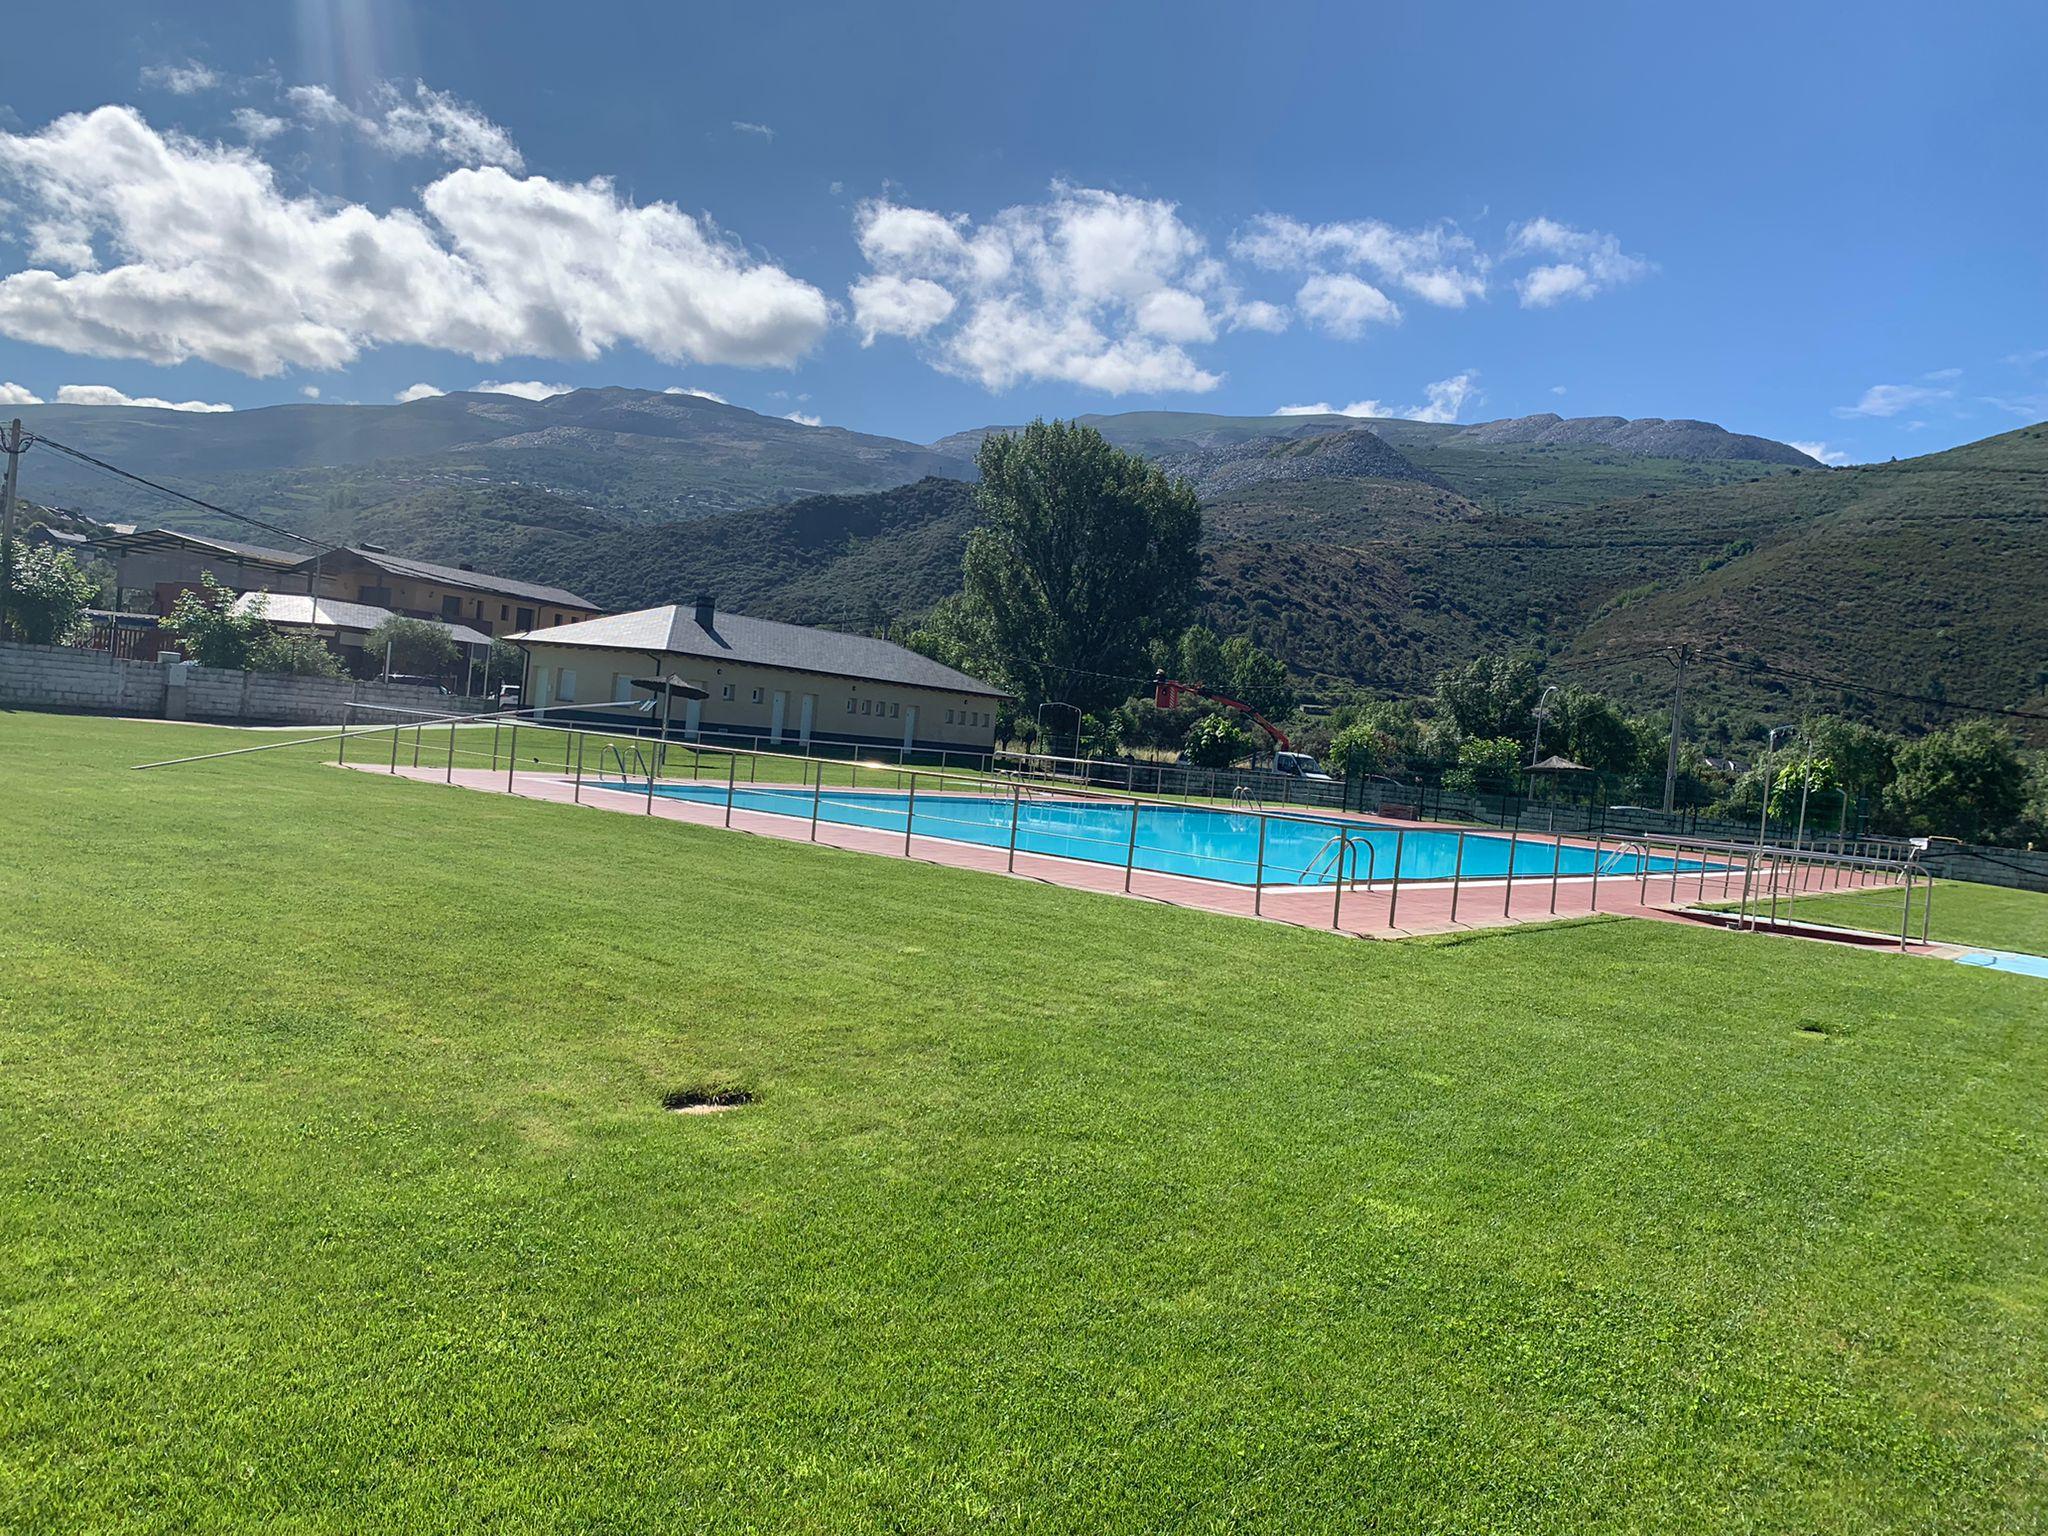 Especial piscinas que no te puedes perder en El Bierzo este verano 17